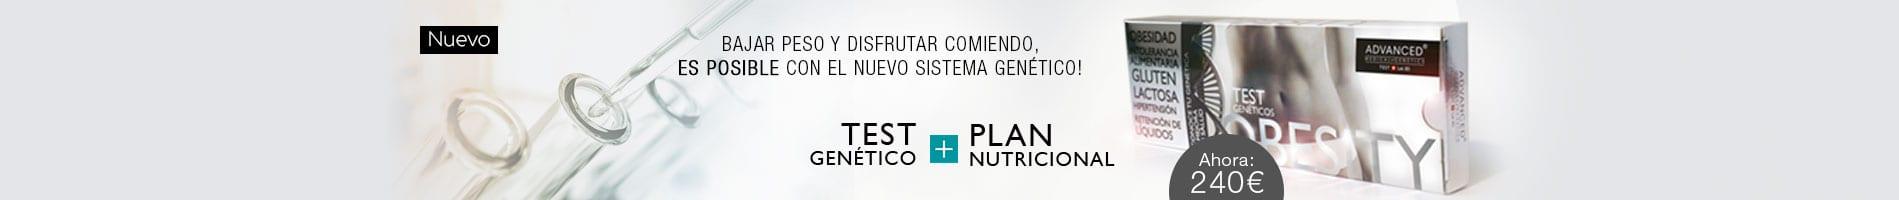 banner nutricion obesidad Nutrición Obesidad